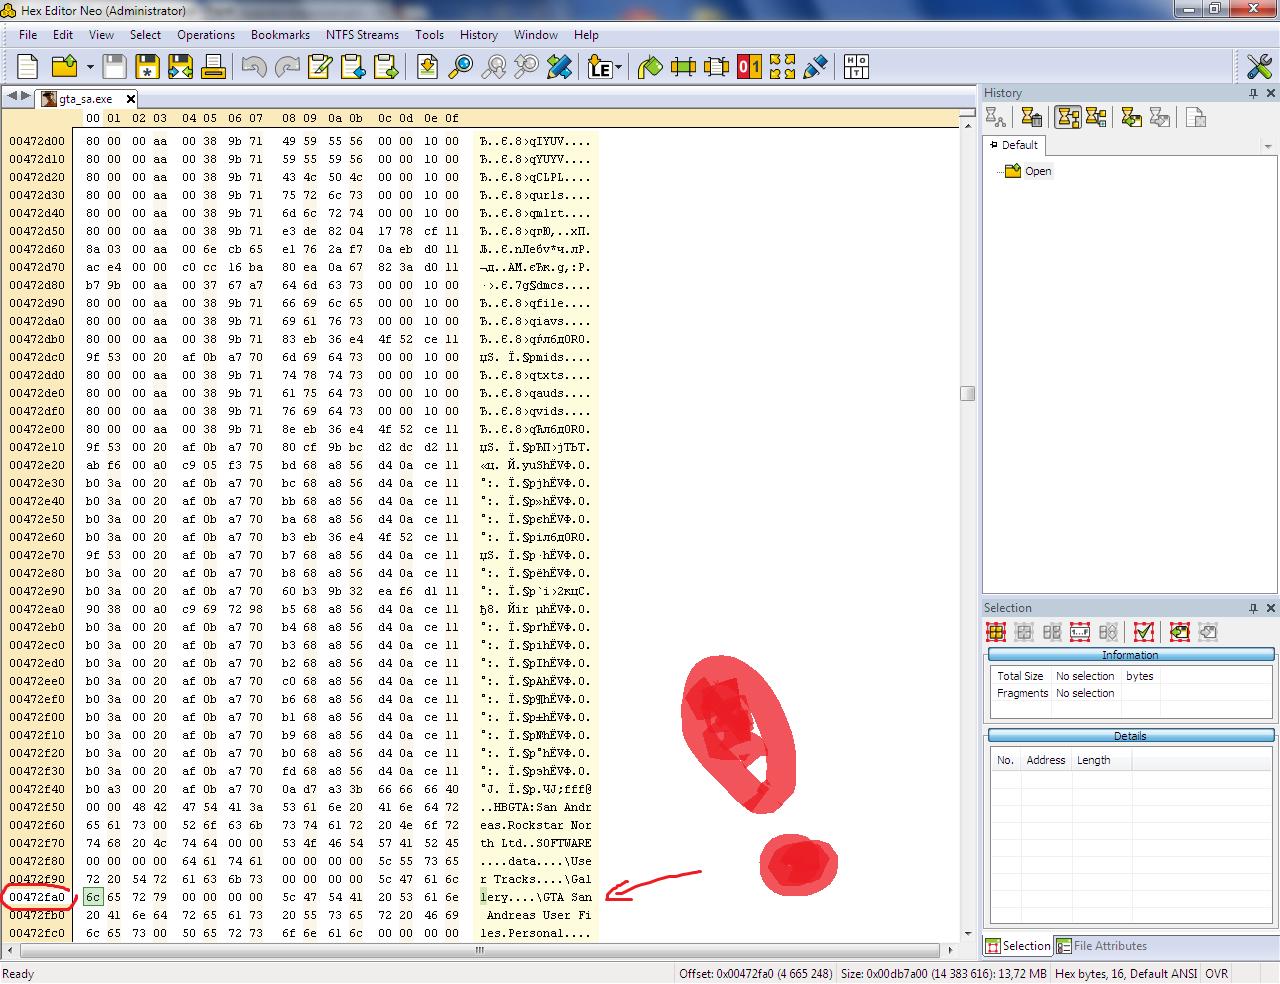 Папка gta 3 - Мой файлы 2013